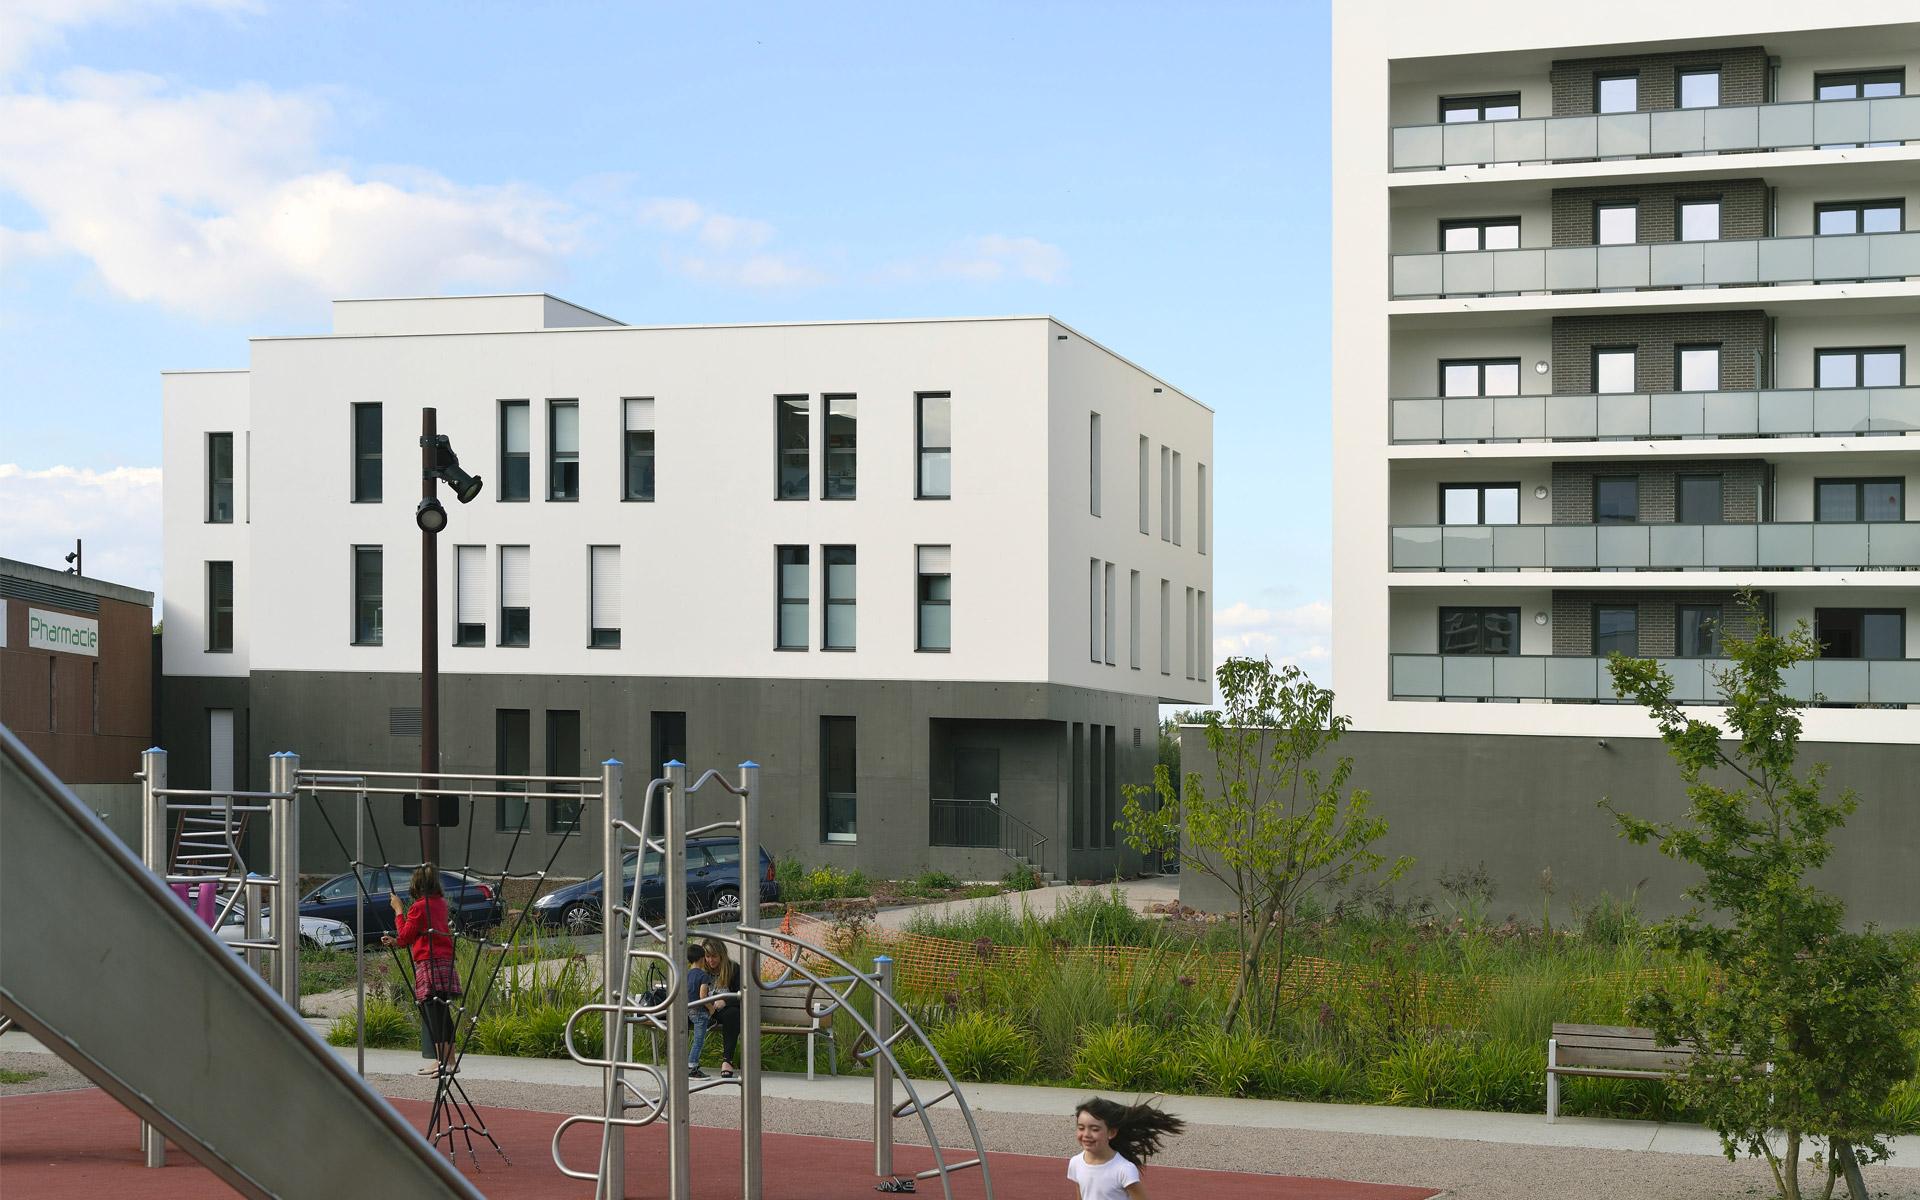 Résidence Les Jardins de Camille - Paumier Architectes Associés